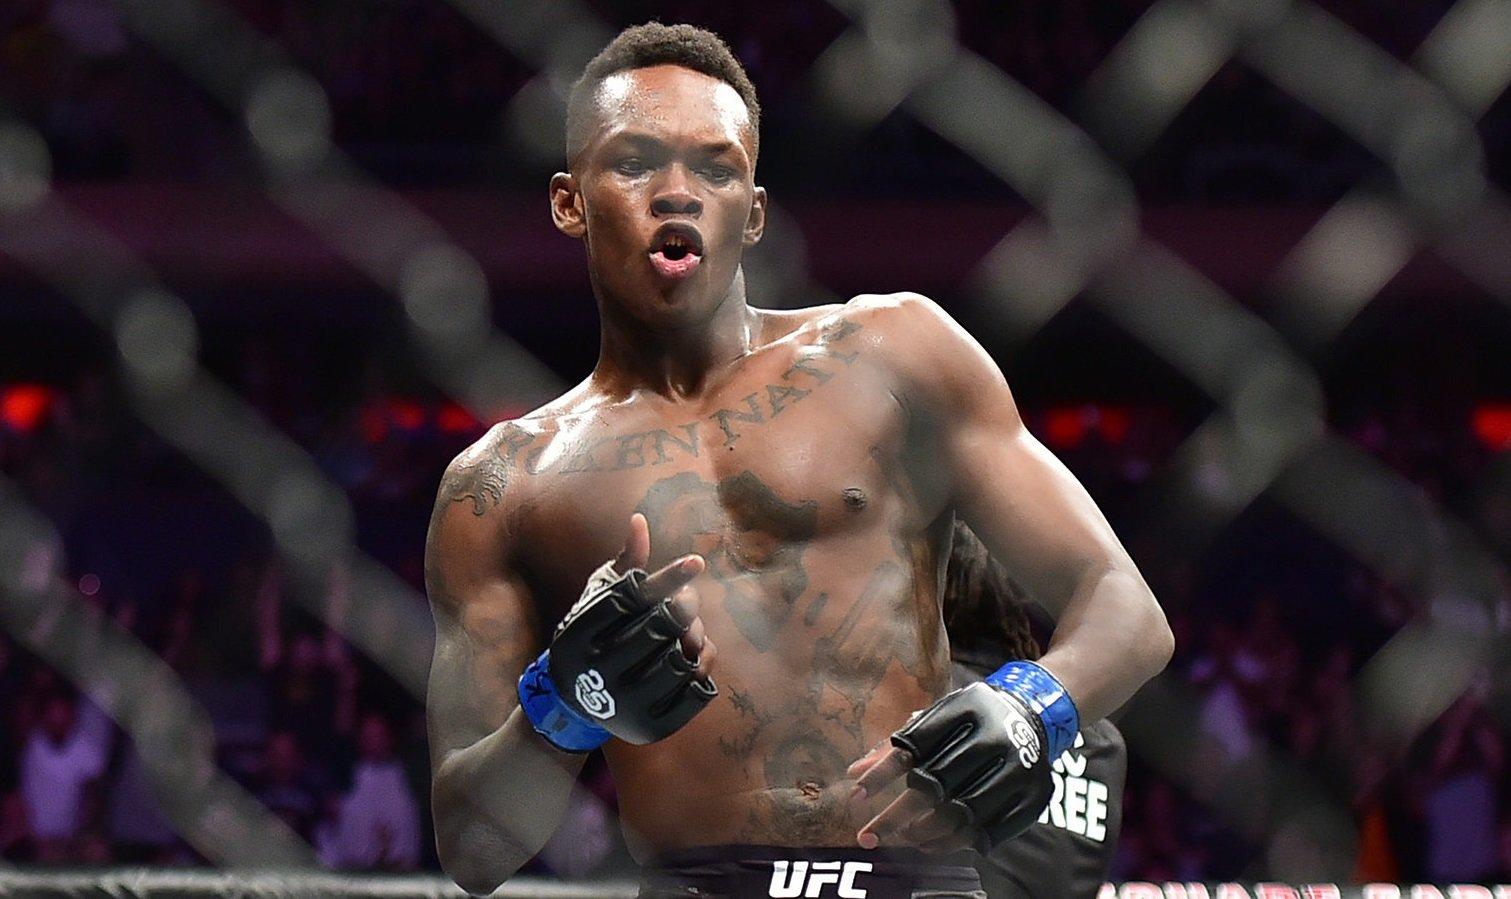 Букмекеры: Исраэль Адесанья нокаутирует Пауло Косту на UFC 253